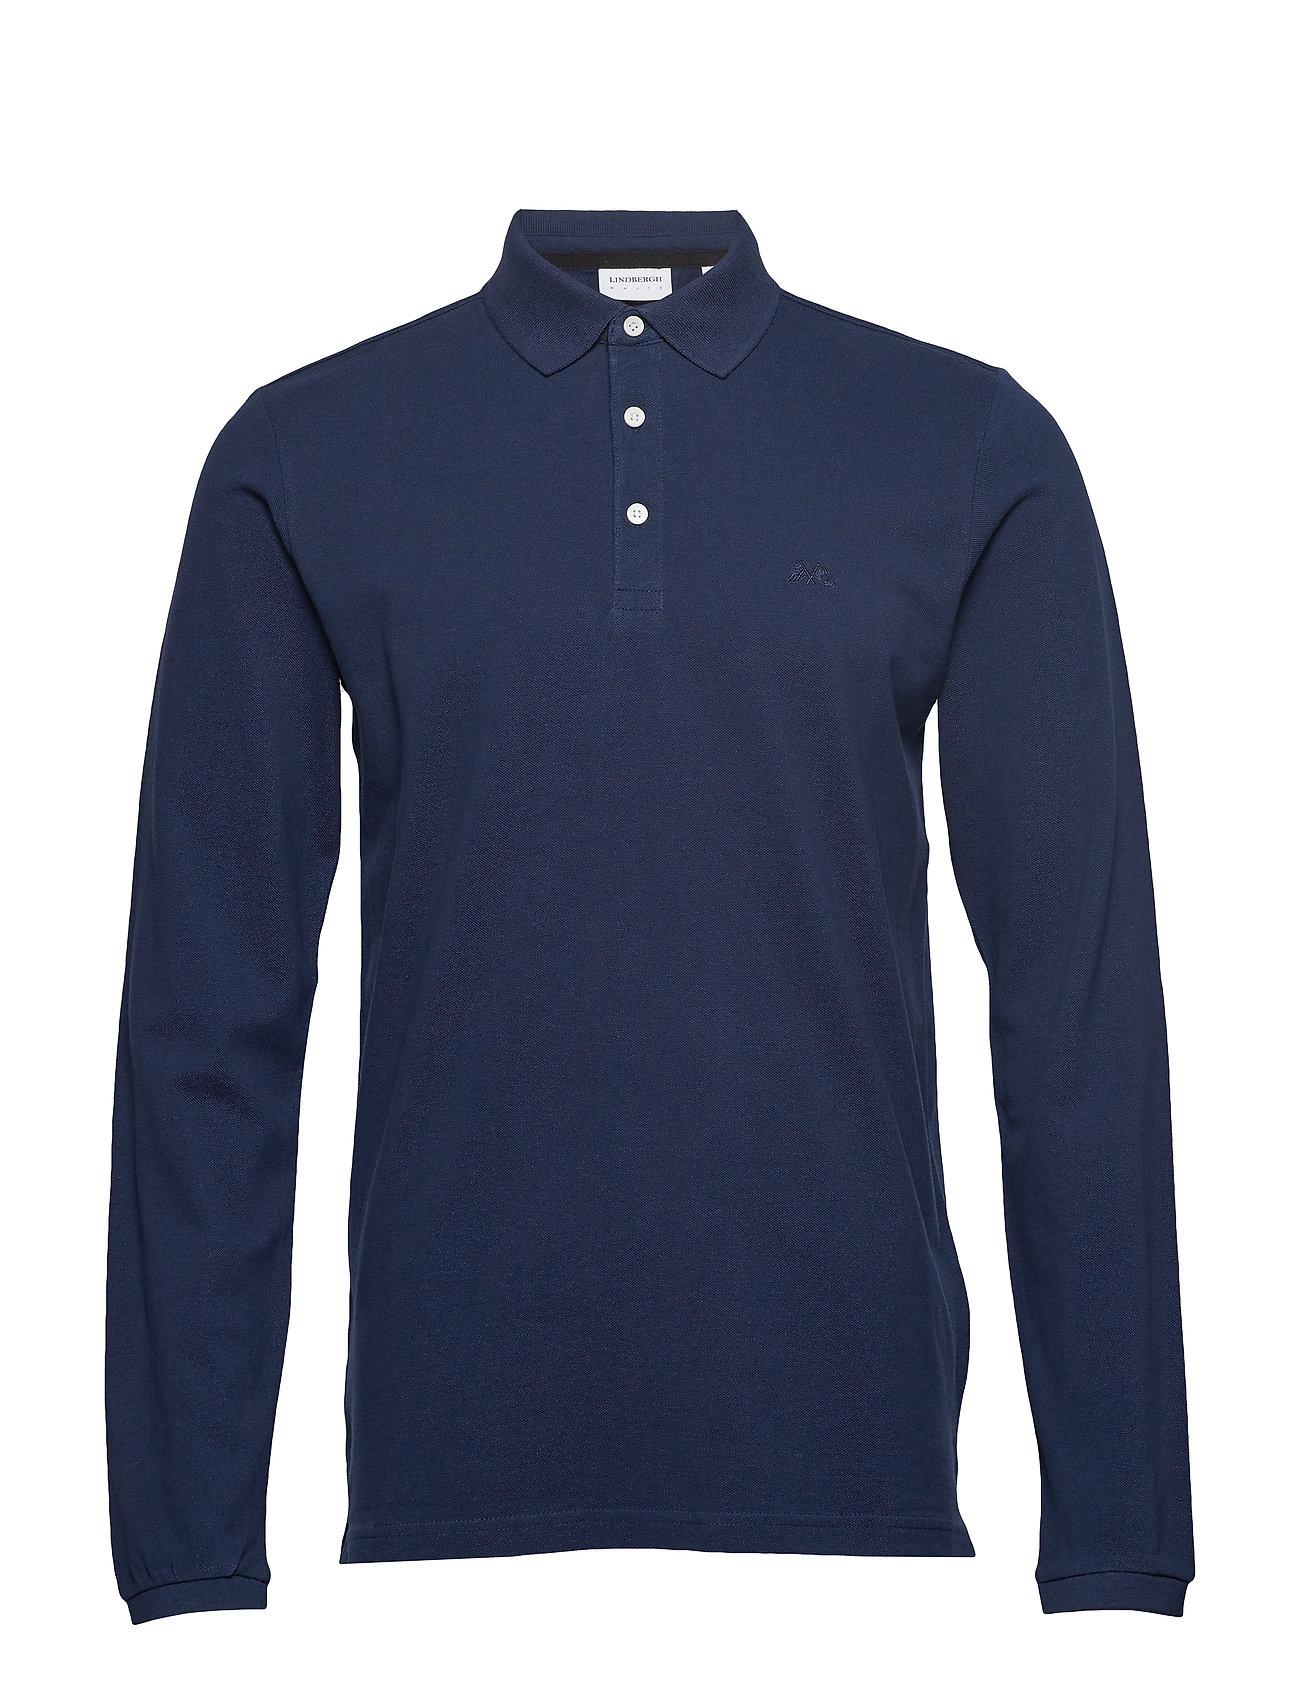 Lindbergh Polo shirt L/S - NAVY